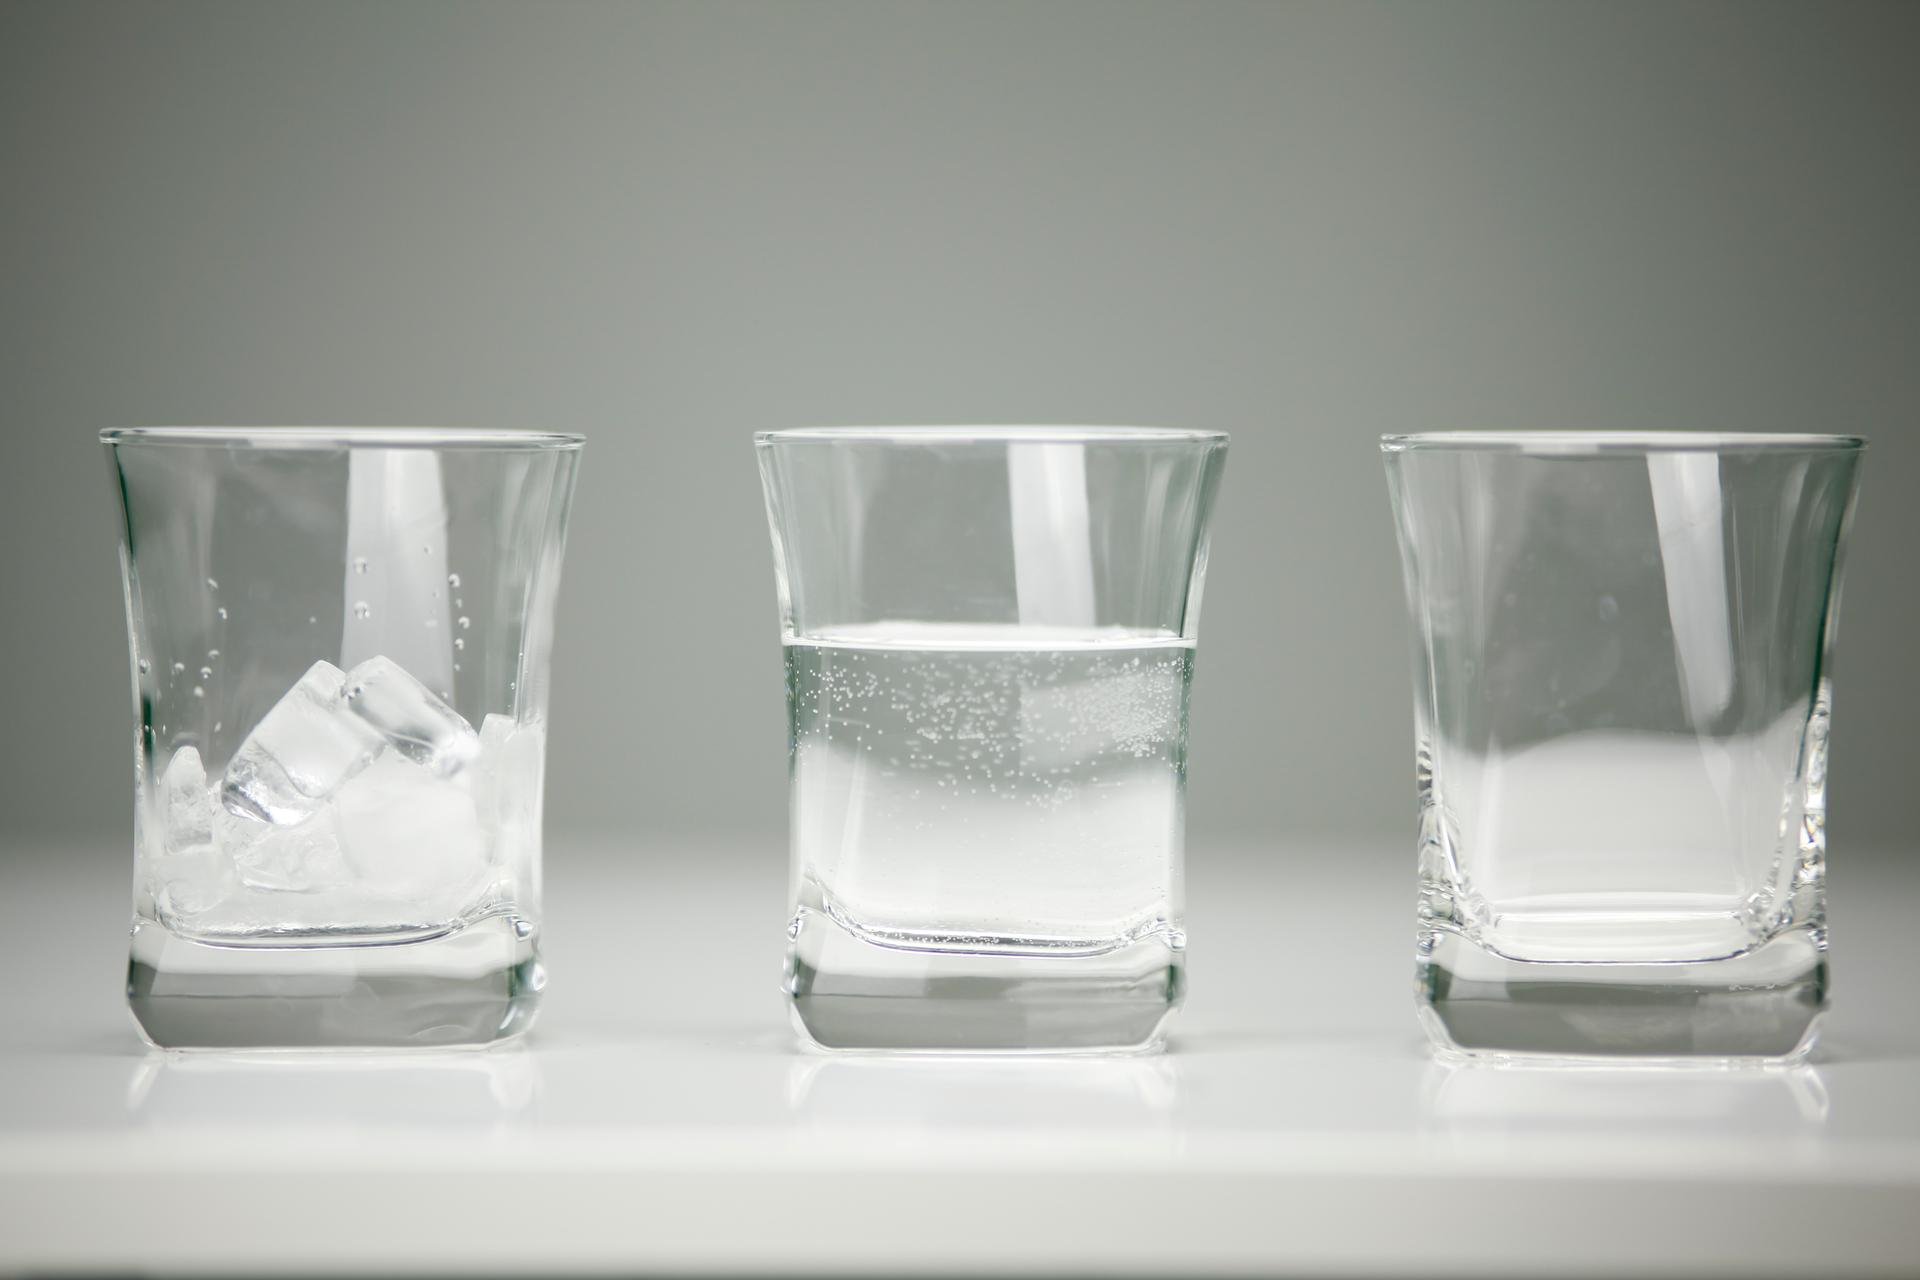 Fotografia trzech szklanek. Wpierwszej kilka kostek lodu. Wdrugiej woda. Trzecia szklanka pusta.